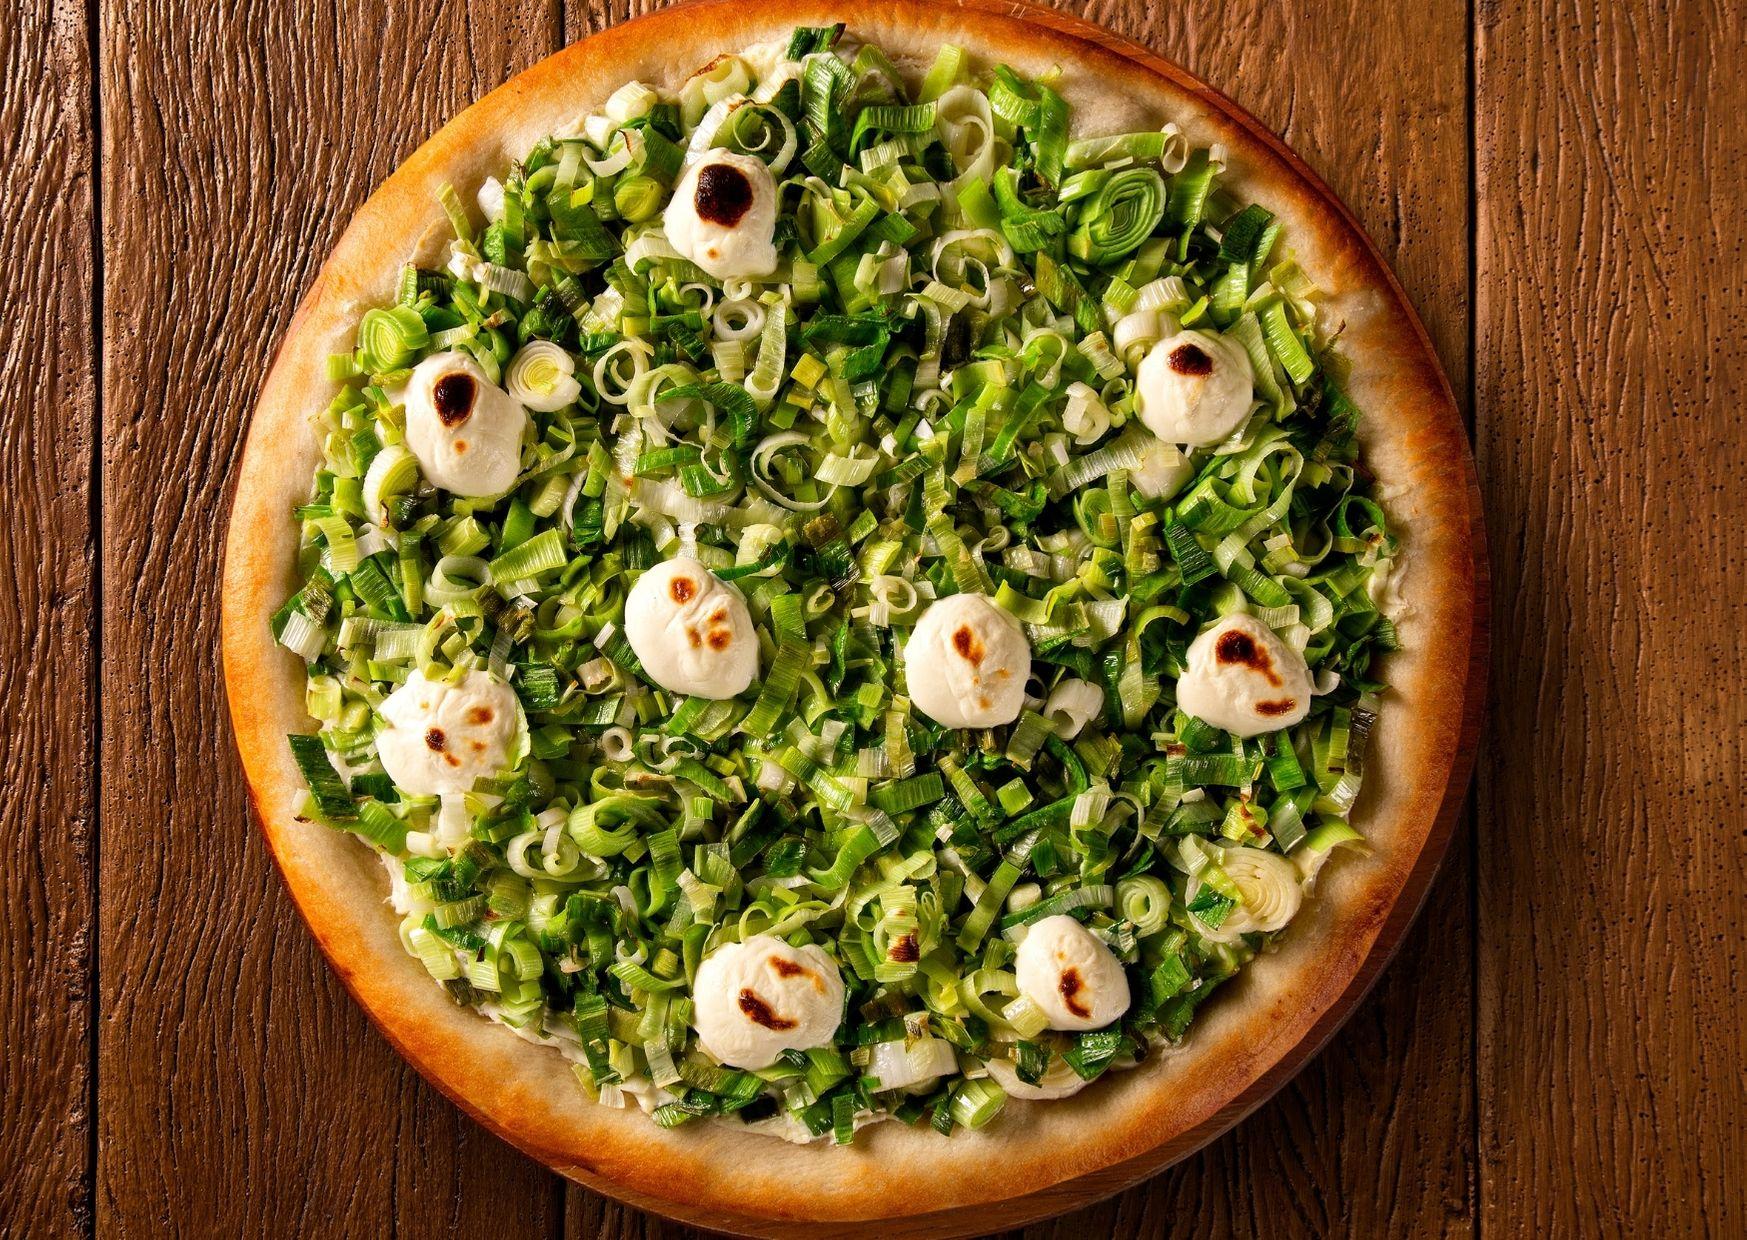 Pizza con masa sabor cebolla y cubierta de puerros